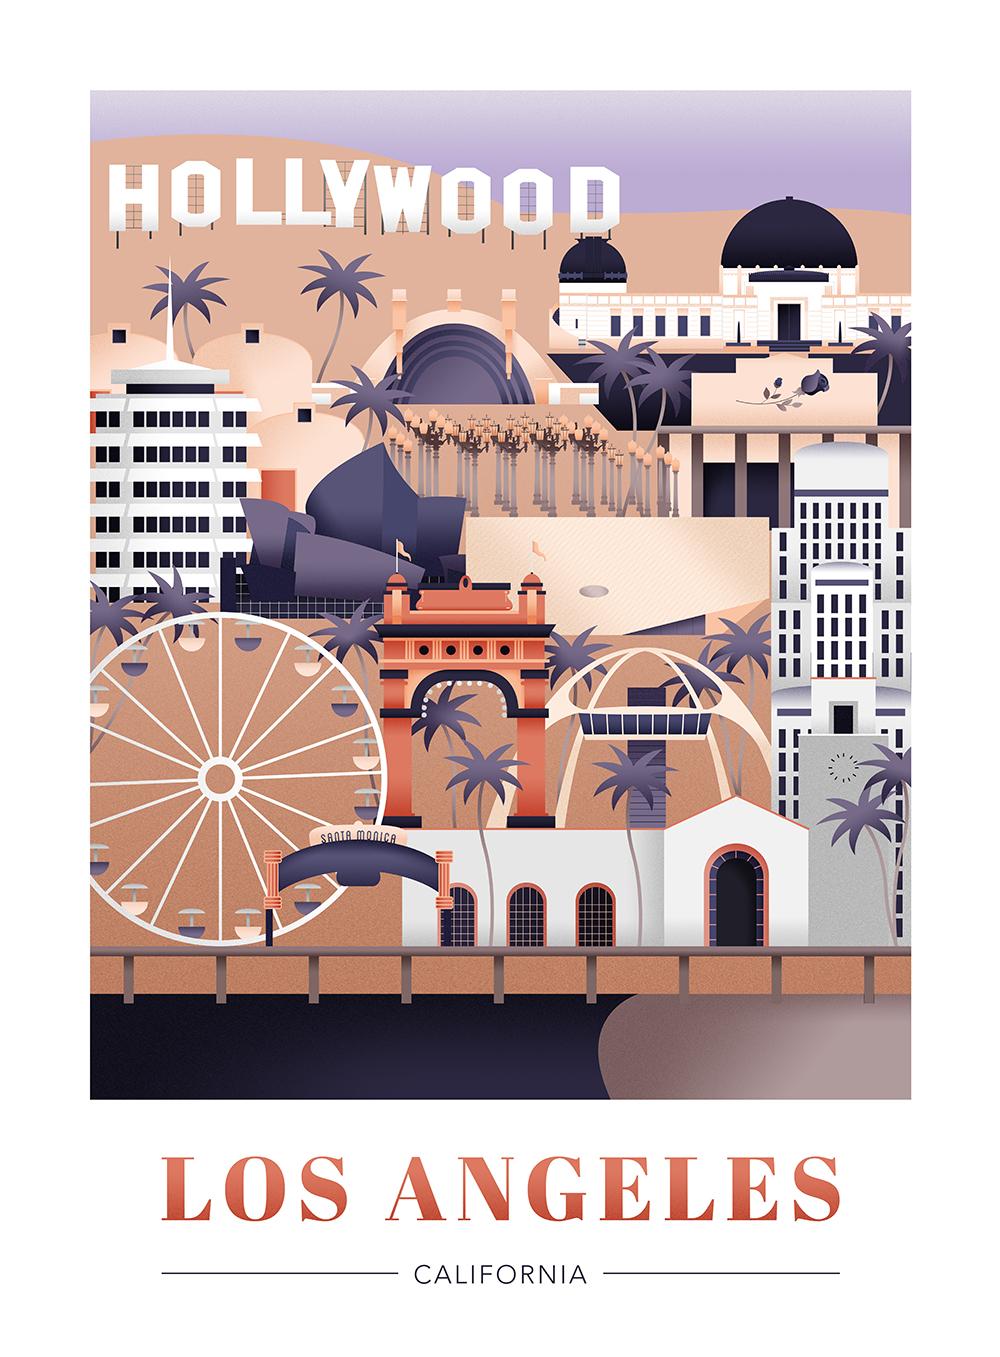 LA_Poster_FLAT_SMALL.jpg